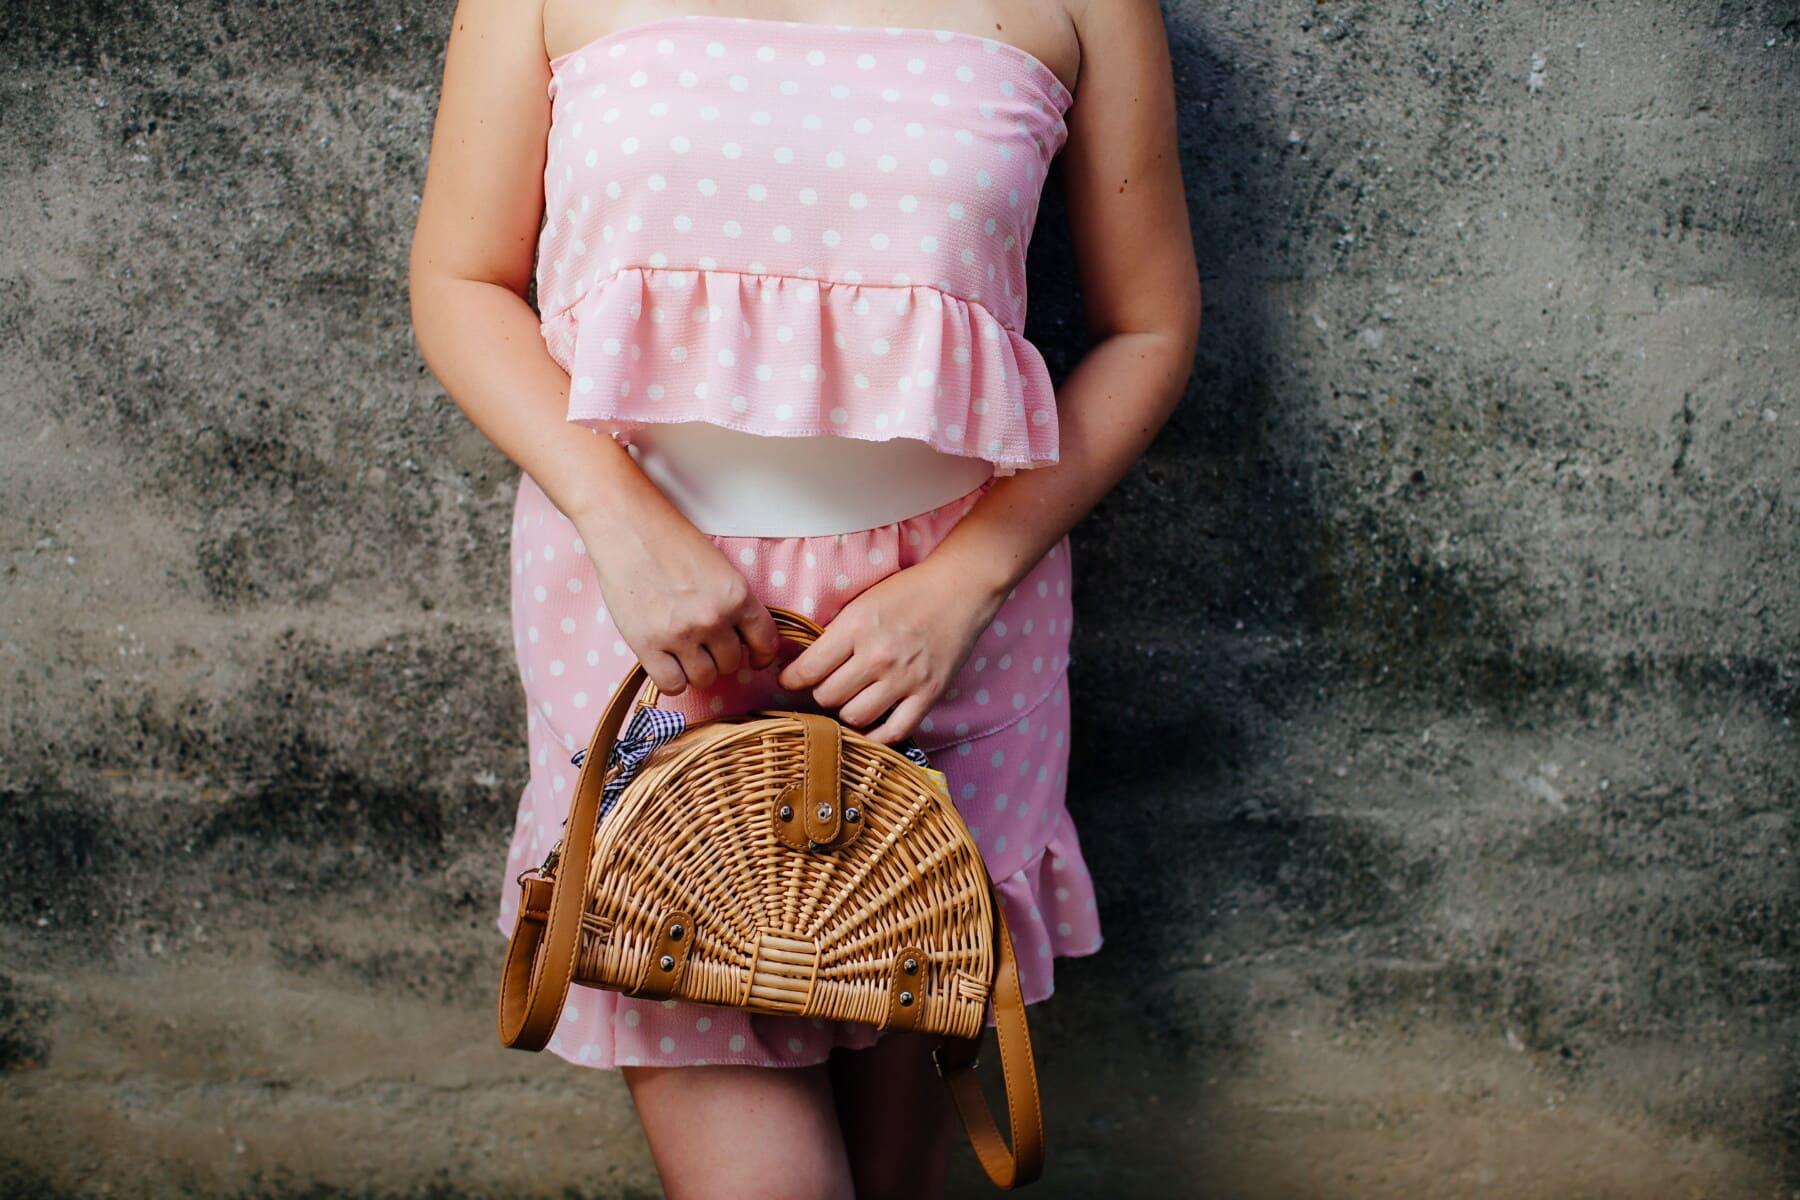 ung kvinna, Pink lady, klänning, Kjol, rosa, glamour, handväska, vintage, stil, kvinna